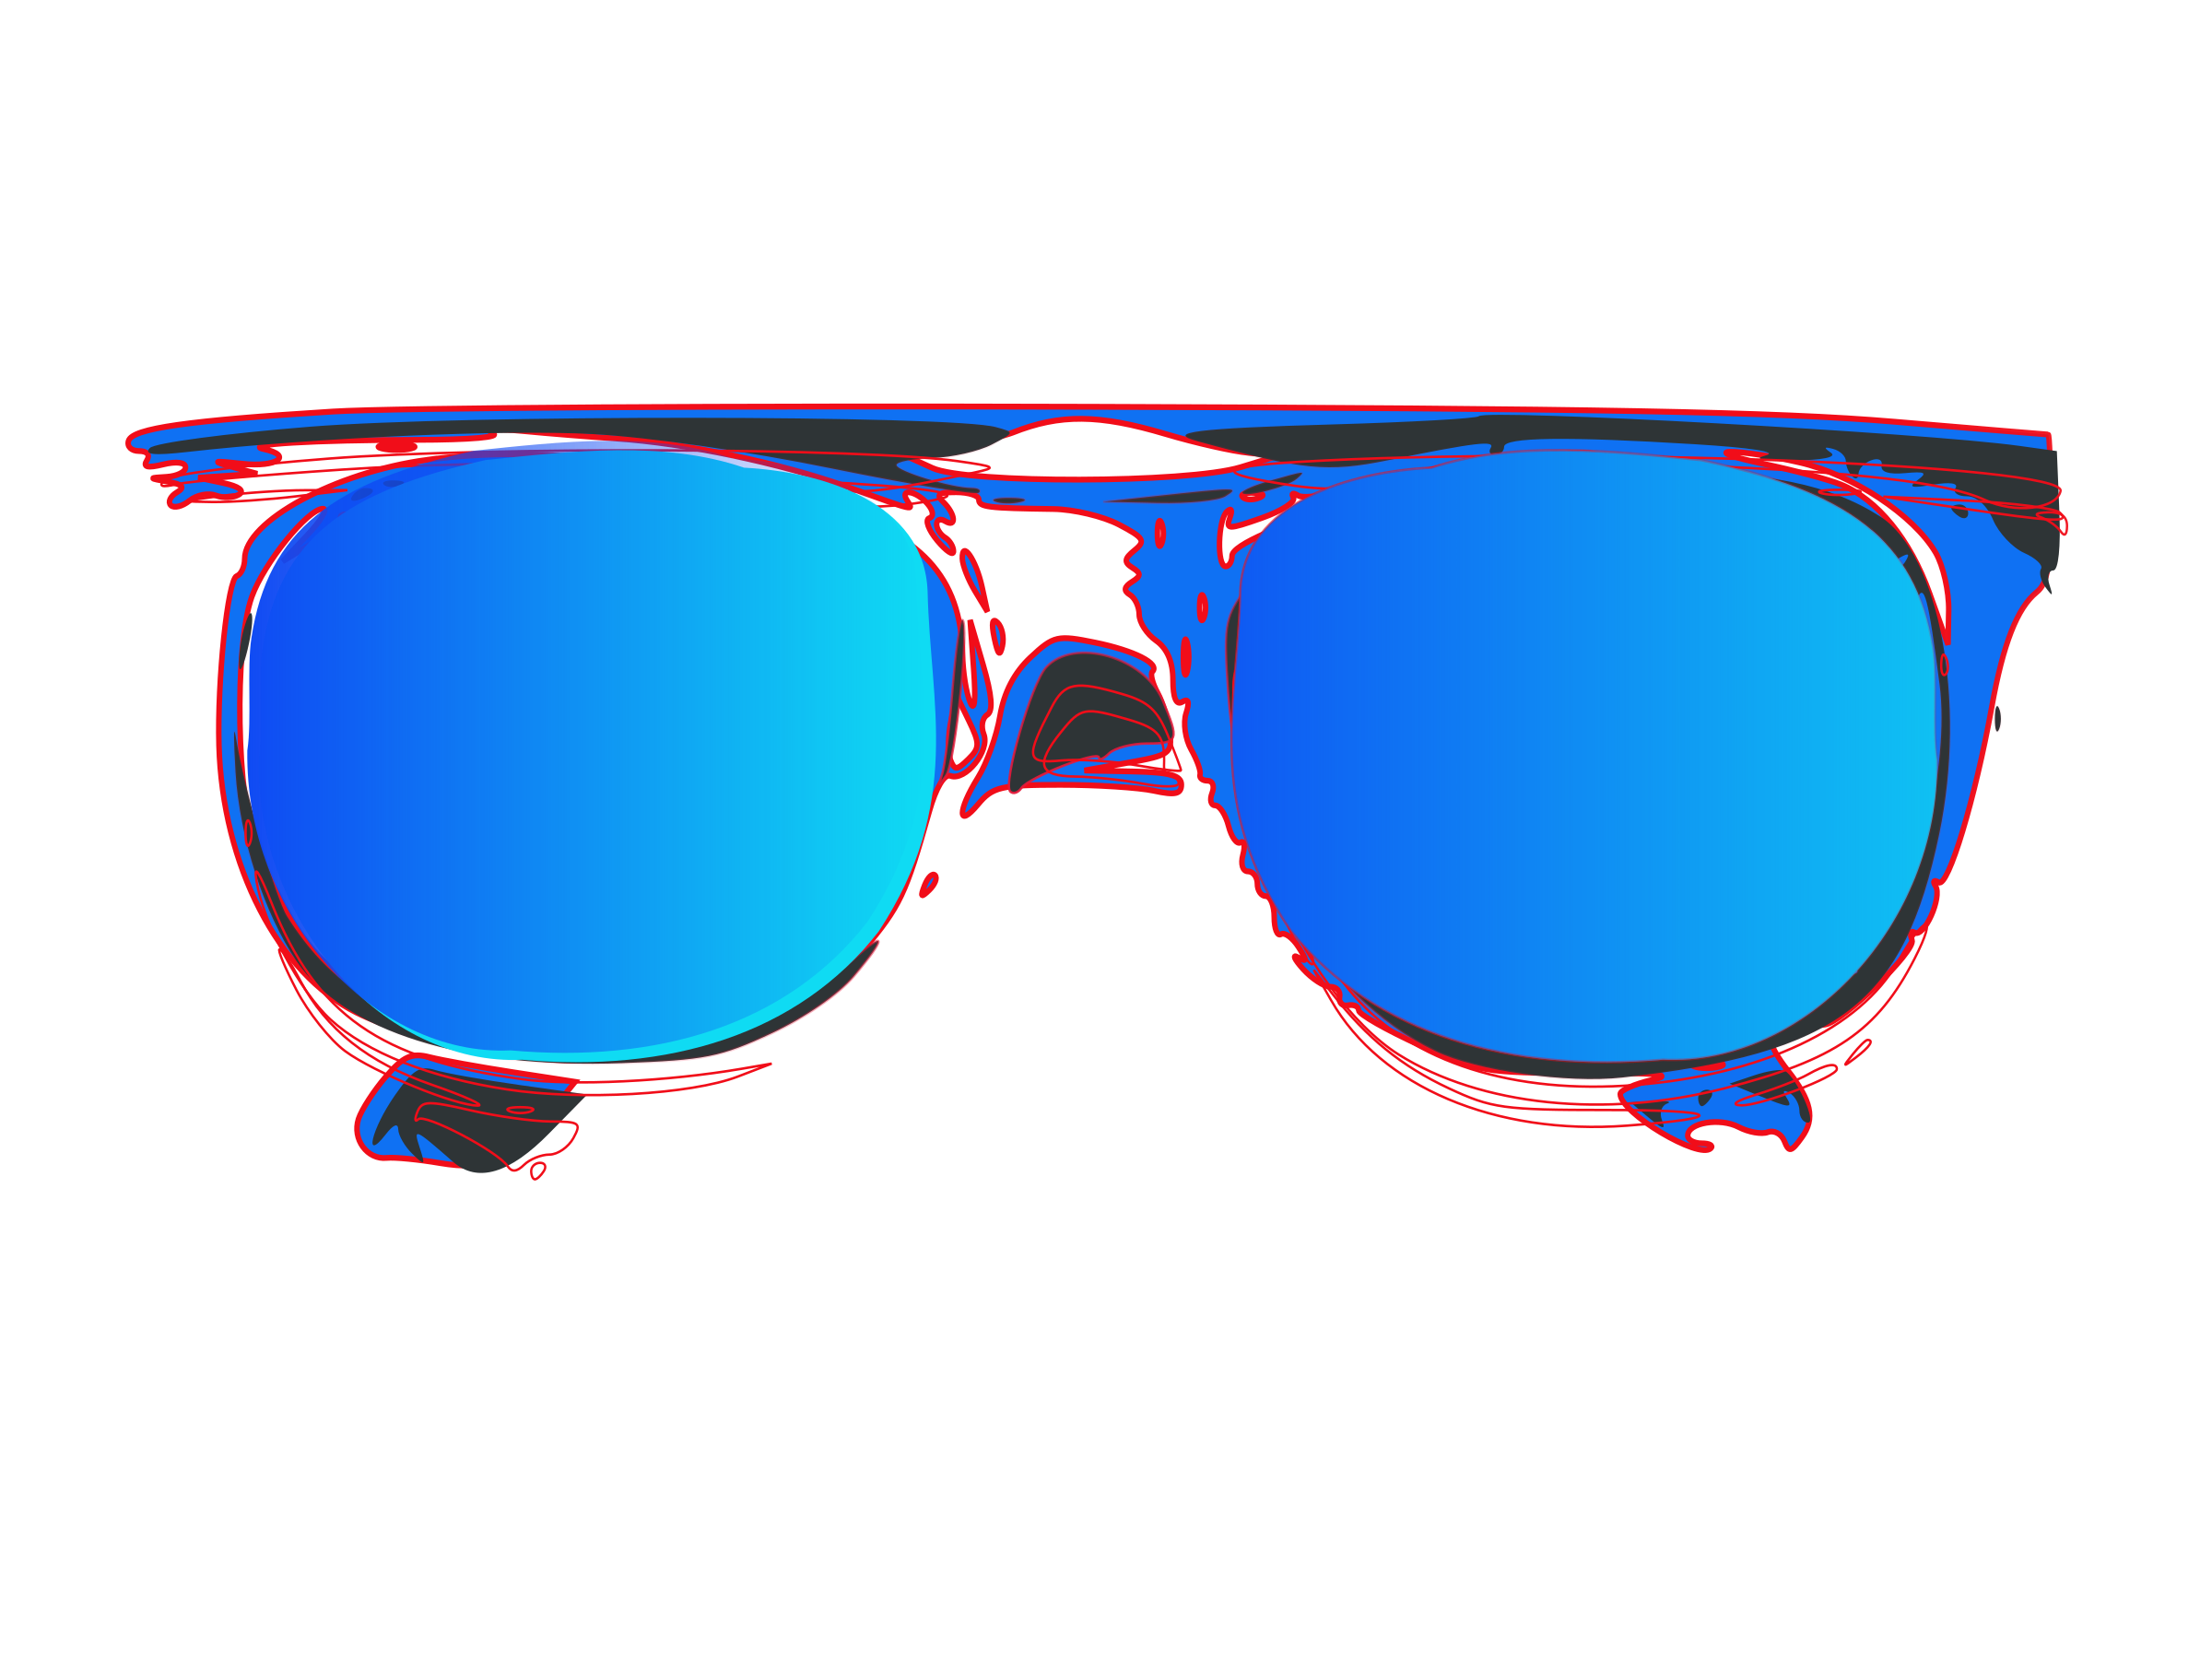 Small clipart sunglass Sunglasses sunglasses Clipart